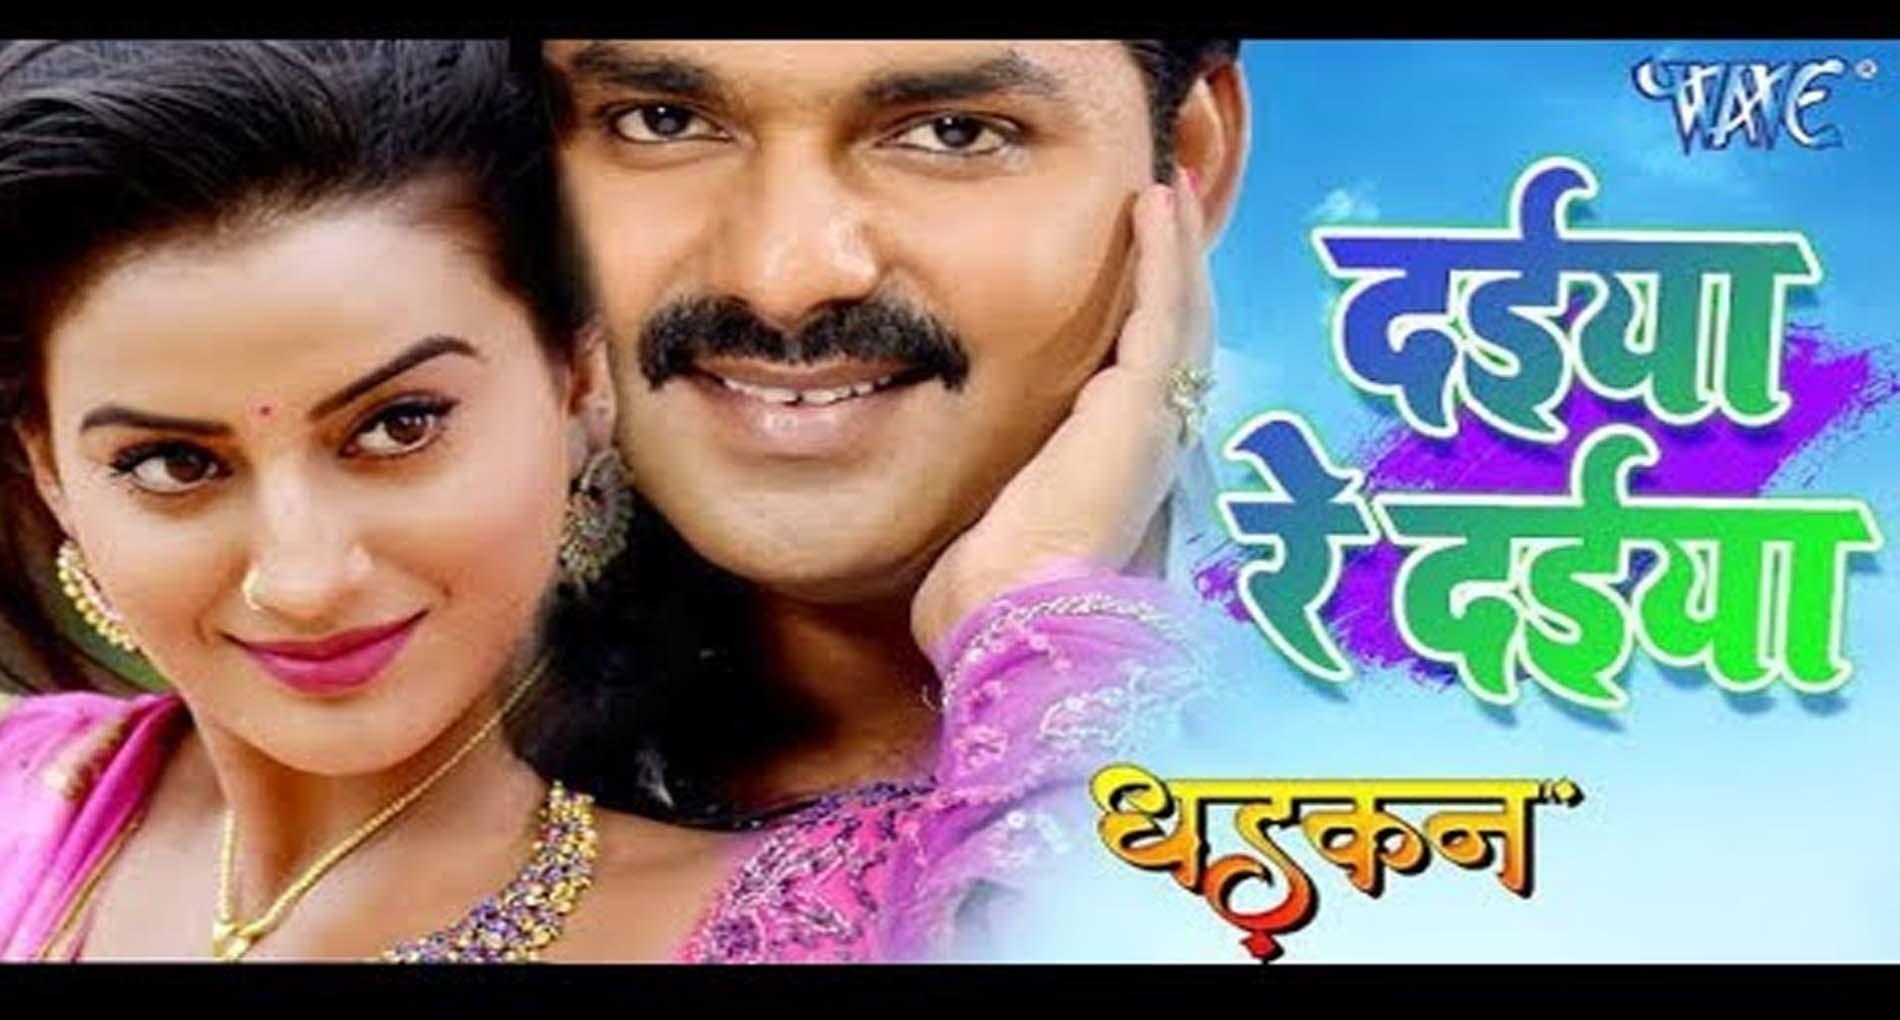 Pawan Singh Bhojpuri Song: अक्षरा सिंह और पवन सिंह ने अपने रोमांस से बढ़ाया पारा! देखें वीडियो